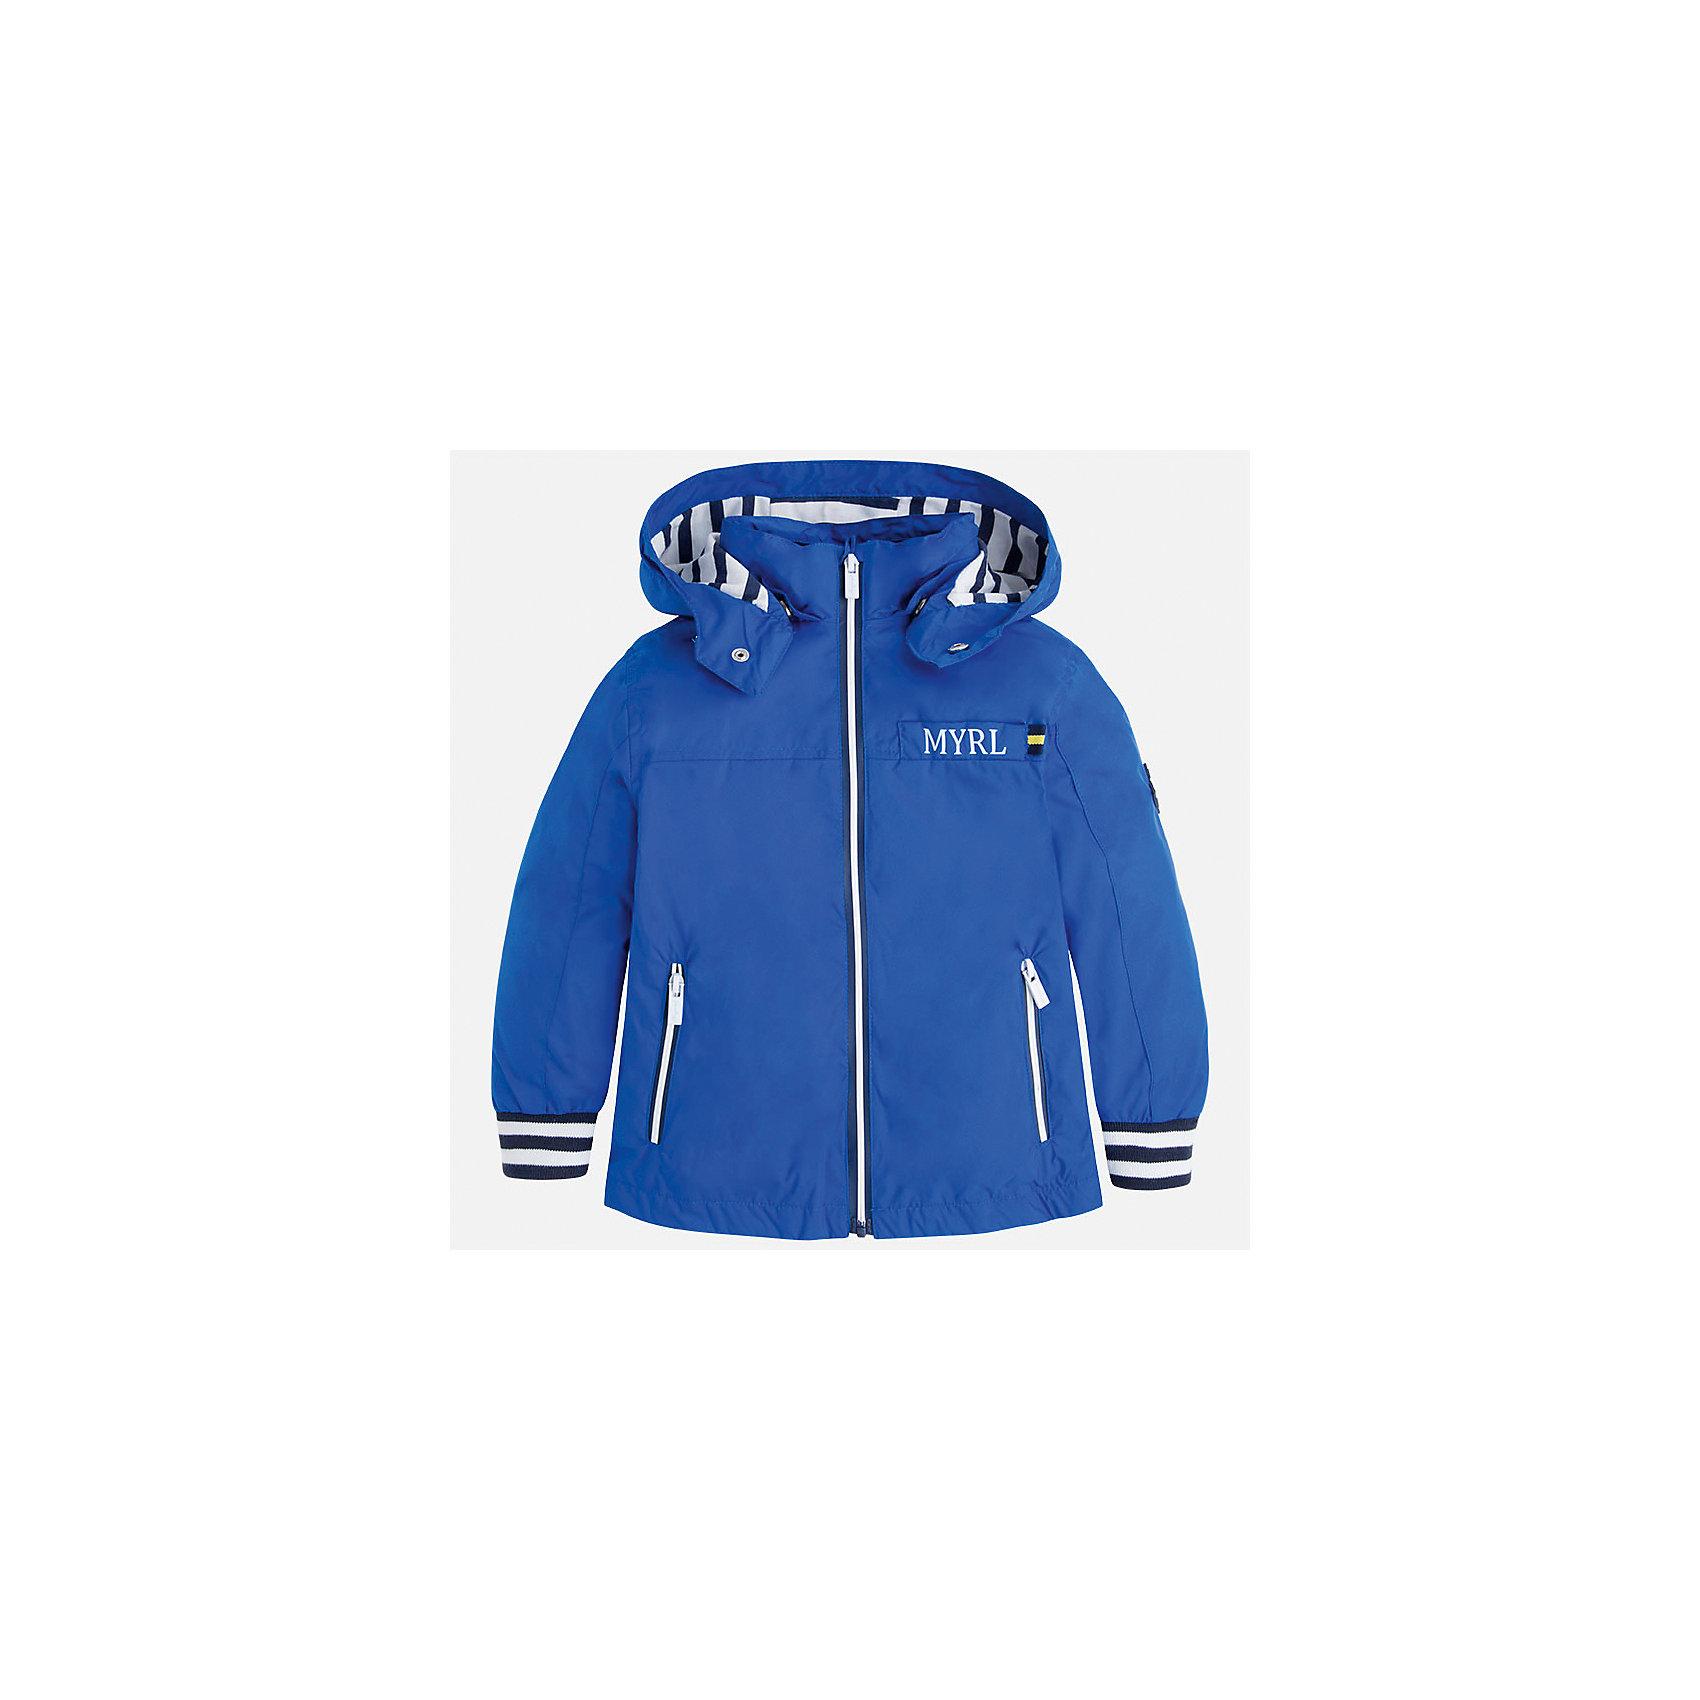 Ветровка для мальчика MayoralПолоска<br>Характеристики товара:<br><br>• цвет: голубой<br>• состав: 100% полиэстер, подкладка - 65% полиэстер, 35% хлопок<br>• температурный режим: от +20°до +10°С<br>• рукава длинные <br>• карманы<br>• молния <br>• капюшон<br>• страна бренда: Испания<br><br>Теплая одежда может быть очень стильной! Удобная и красивая ветровка для мальчика поможет разнообразить гардероб ребенка и обеспечить комфорт. Она отлично сочетается и с джинсами, и с брюками. Универсальный цвет позволяет подобрать к вещи низ различных расцветок. Интересная отделка модели делает её нарядной и оригинальной. В составе материала - натуральный хлопок, гипоаллергенный, приятный на ощупь, дышащий.<br><br>Одежда, обувь и аксессуары от испанского бренда Mayoral полюбились детям и взрослым по всему миру. Модели этой марки - стильные и удобные. Для их производства используются только безопасные, качественные материалы и фурнитура. Порадуйте ребенка модными и красивыми вещами от Mayoral! <br><br>Ветровку для мальчика от испанского бренда Mayoral (Майорал) можно купить в нашем интернет-магазине.<br><br>Ширина мм: 356<br>Глубина мм: 10<br>Высота мм: 245<br>Вес г: 519<br>Цвет: голубой<br>Возраст от месяцев: 60<br>Возраст до месяцев: 72<br>Пол: Мужской<br>Возраст: Детский<br>Размер: 116,122,104,98,92,110,134,128<br>SKU: 5280711